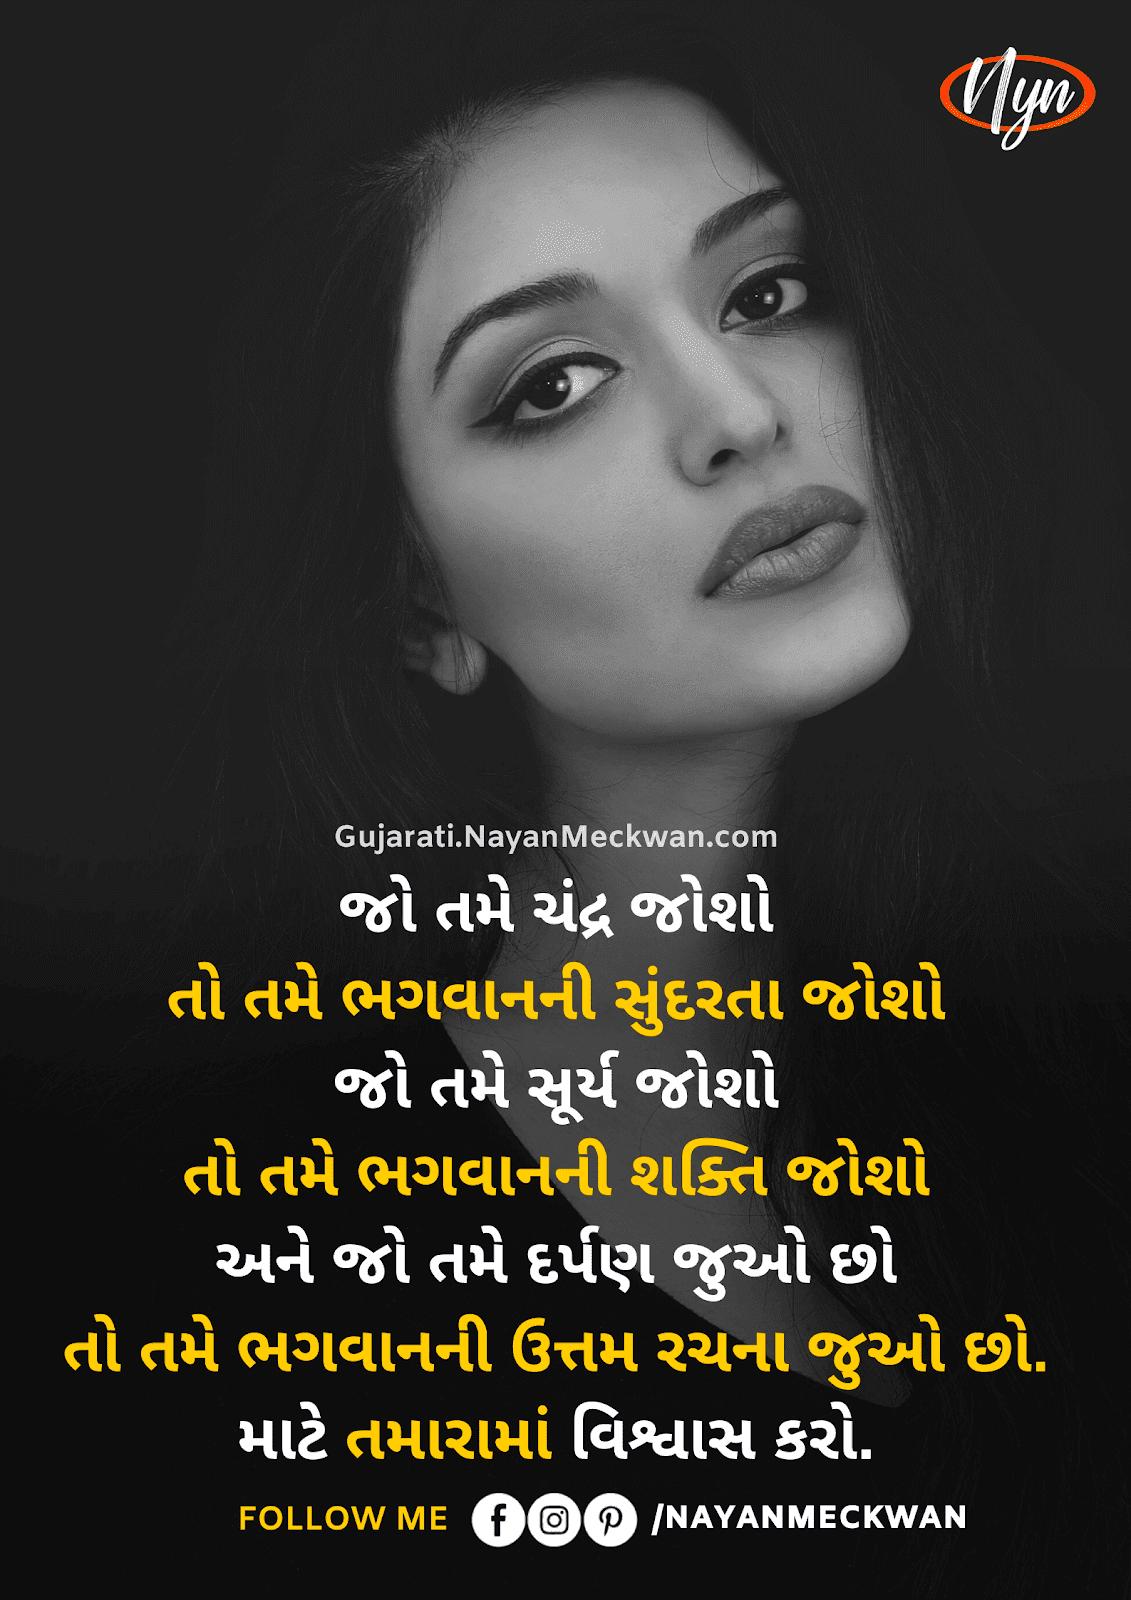 ગુજરાતી સુવિચાર attitude motivational quotes